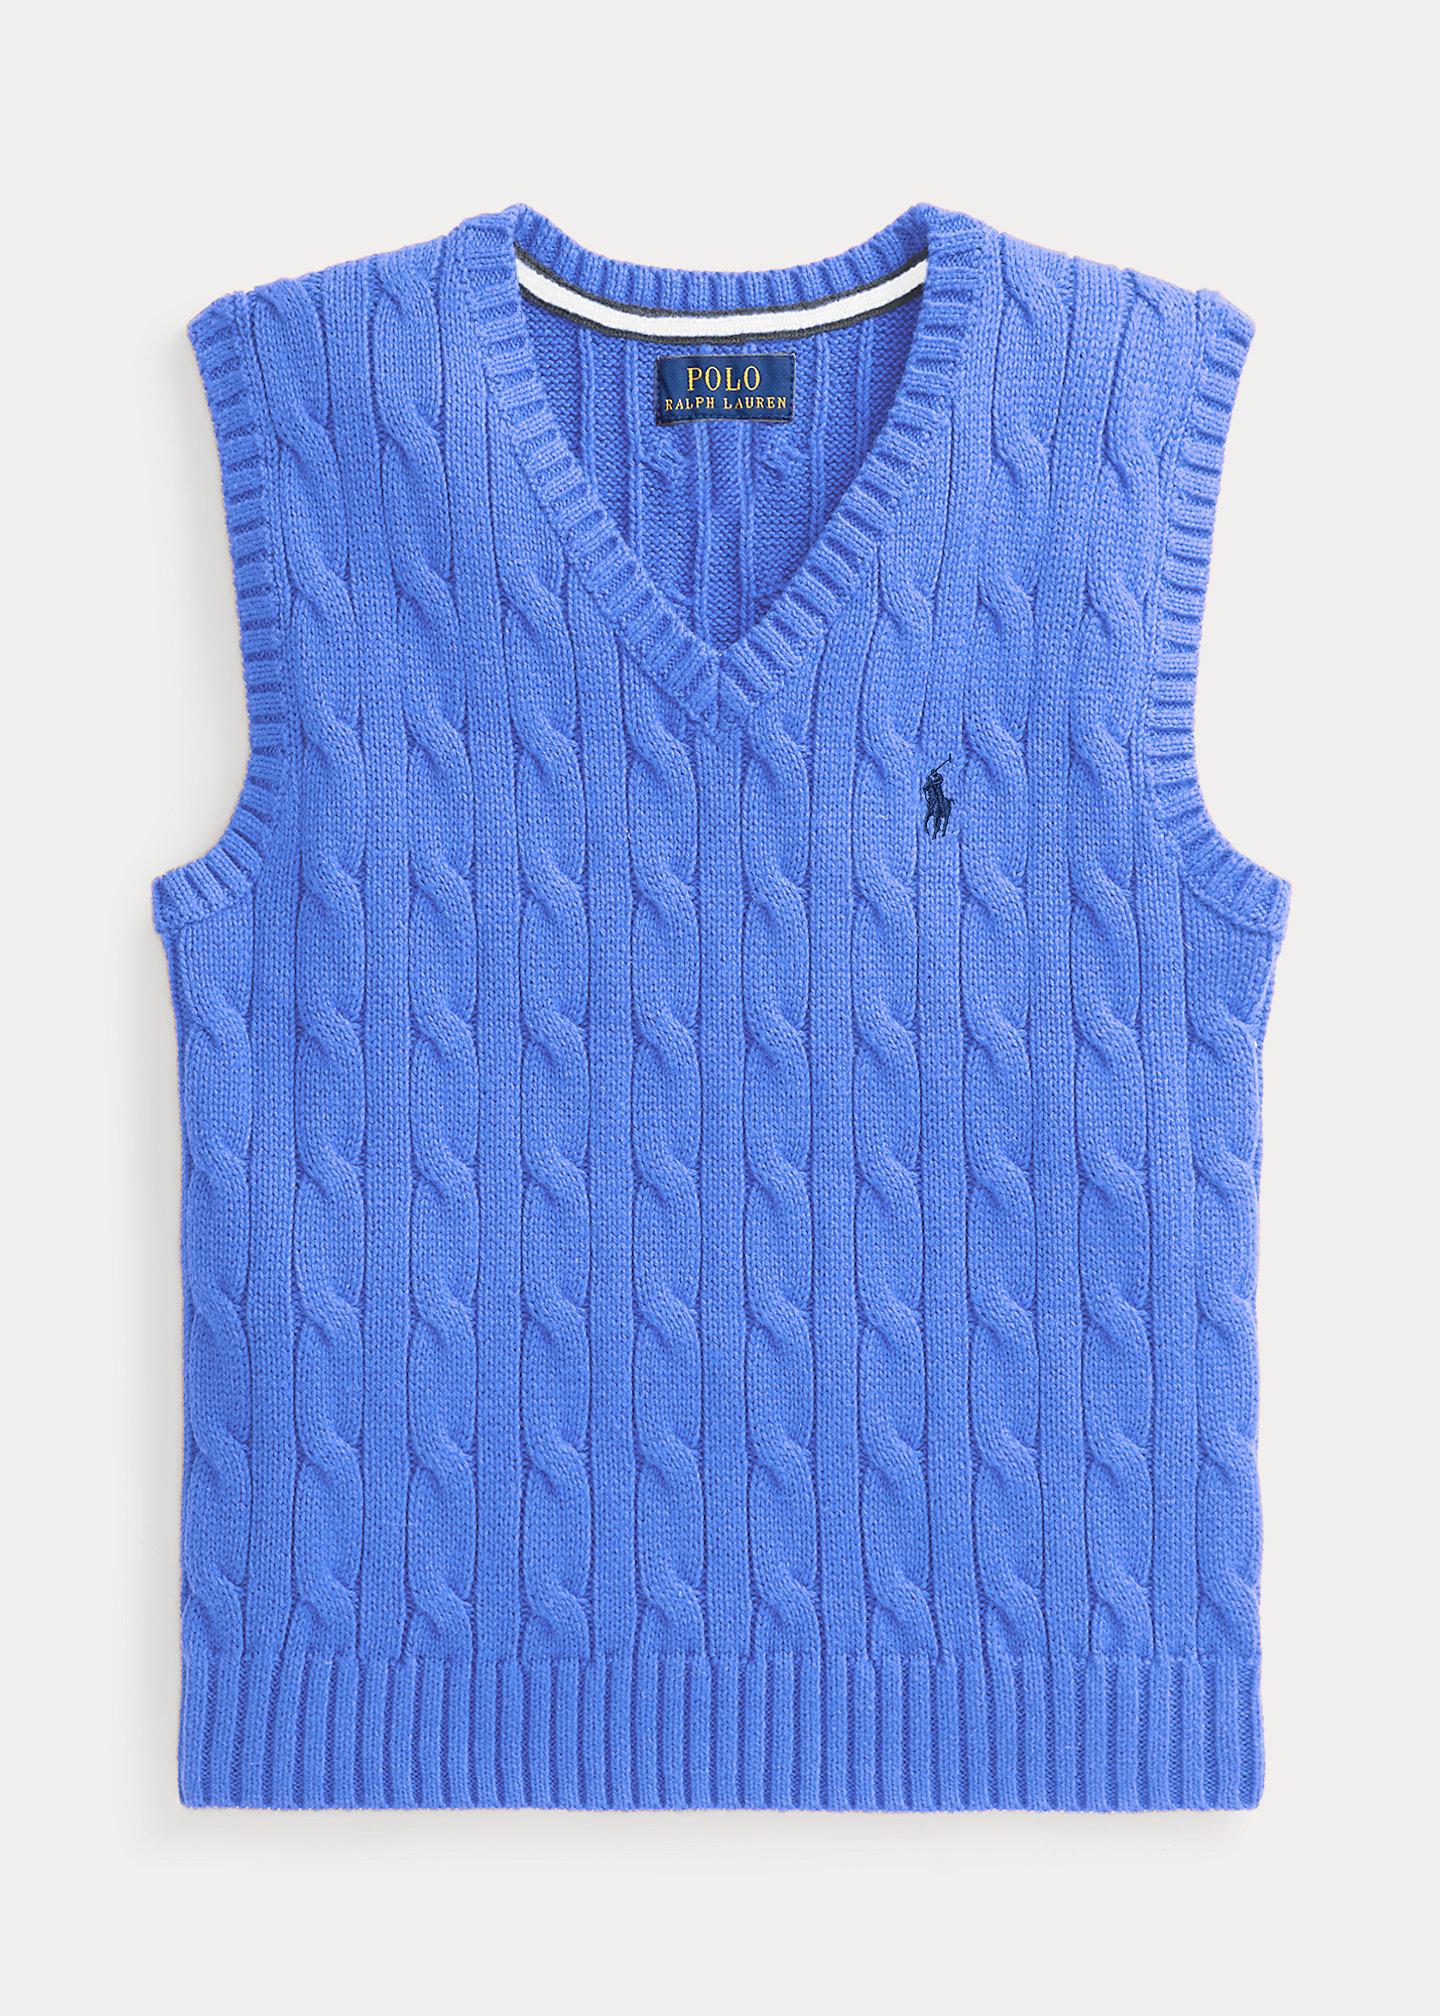 Polo Ralph Lauren Cable Knit Cotton Sweater Vest